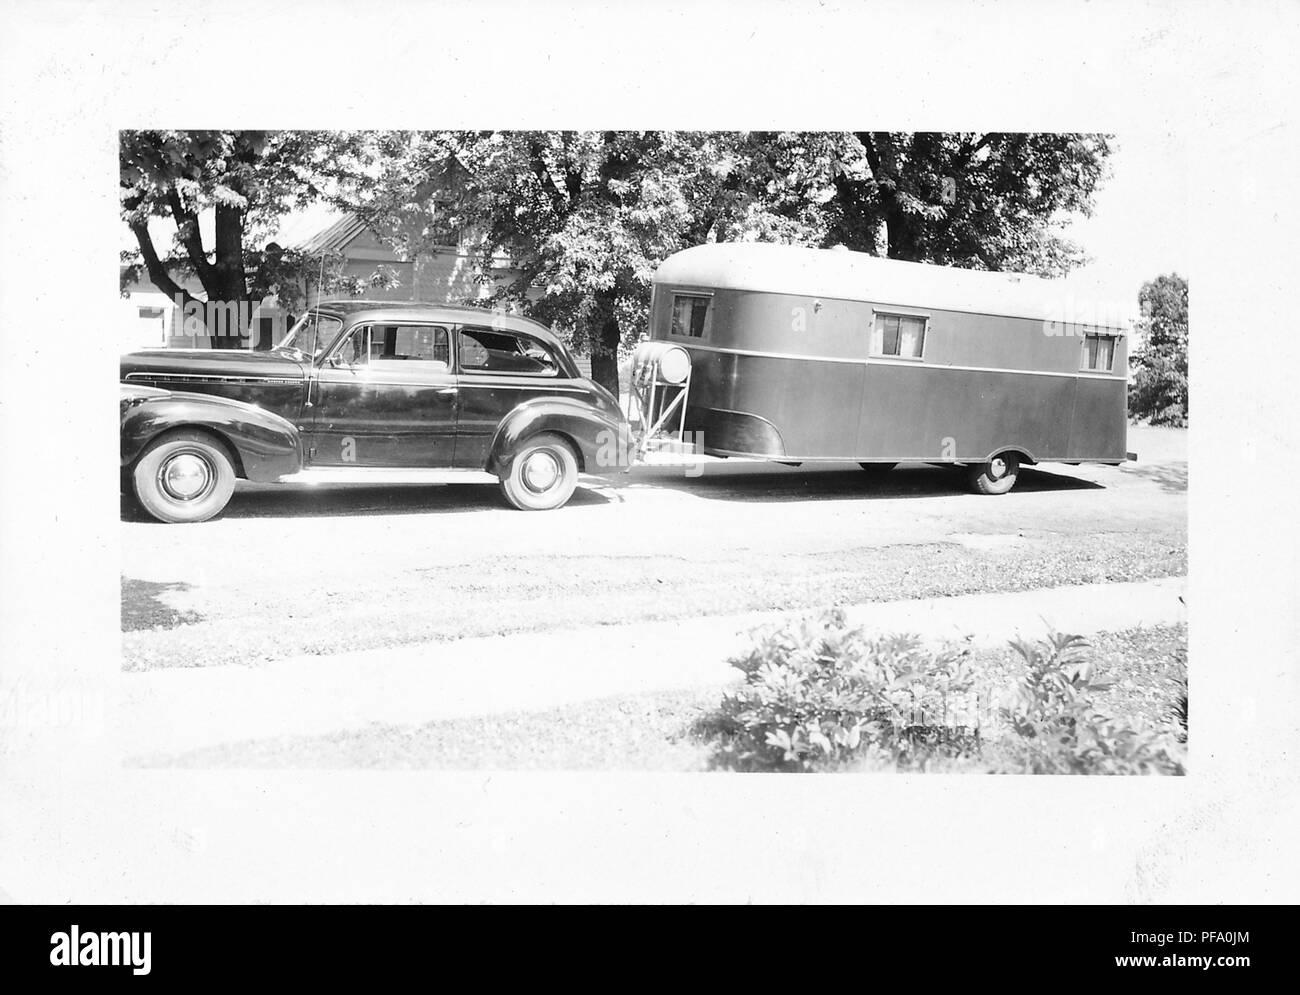 Schwarz Weiß Foto Zeigt Ein Profil Auf Eine Glänzende Dunkle Vintage Chevrolet Sedan Auto Mit Dem